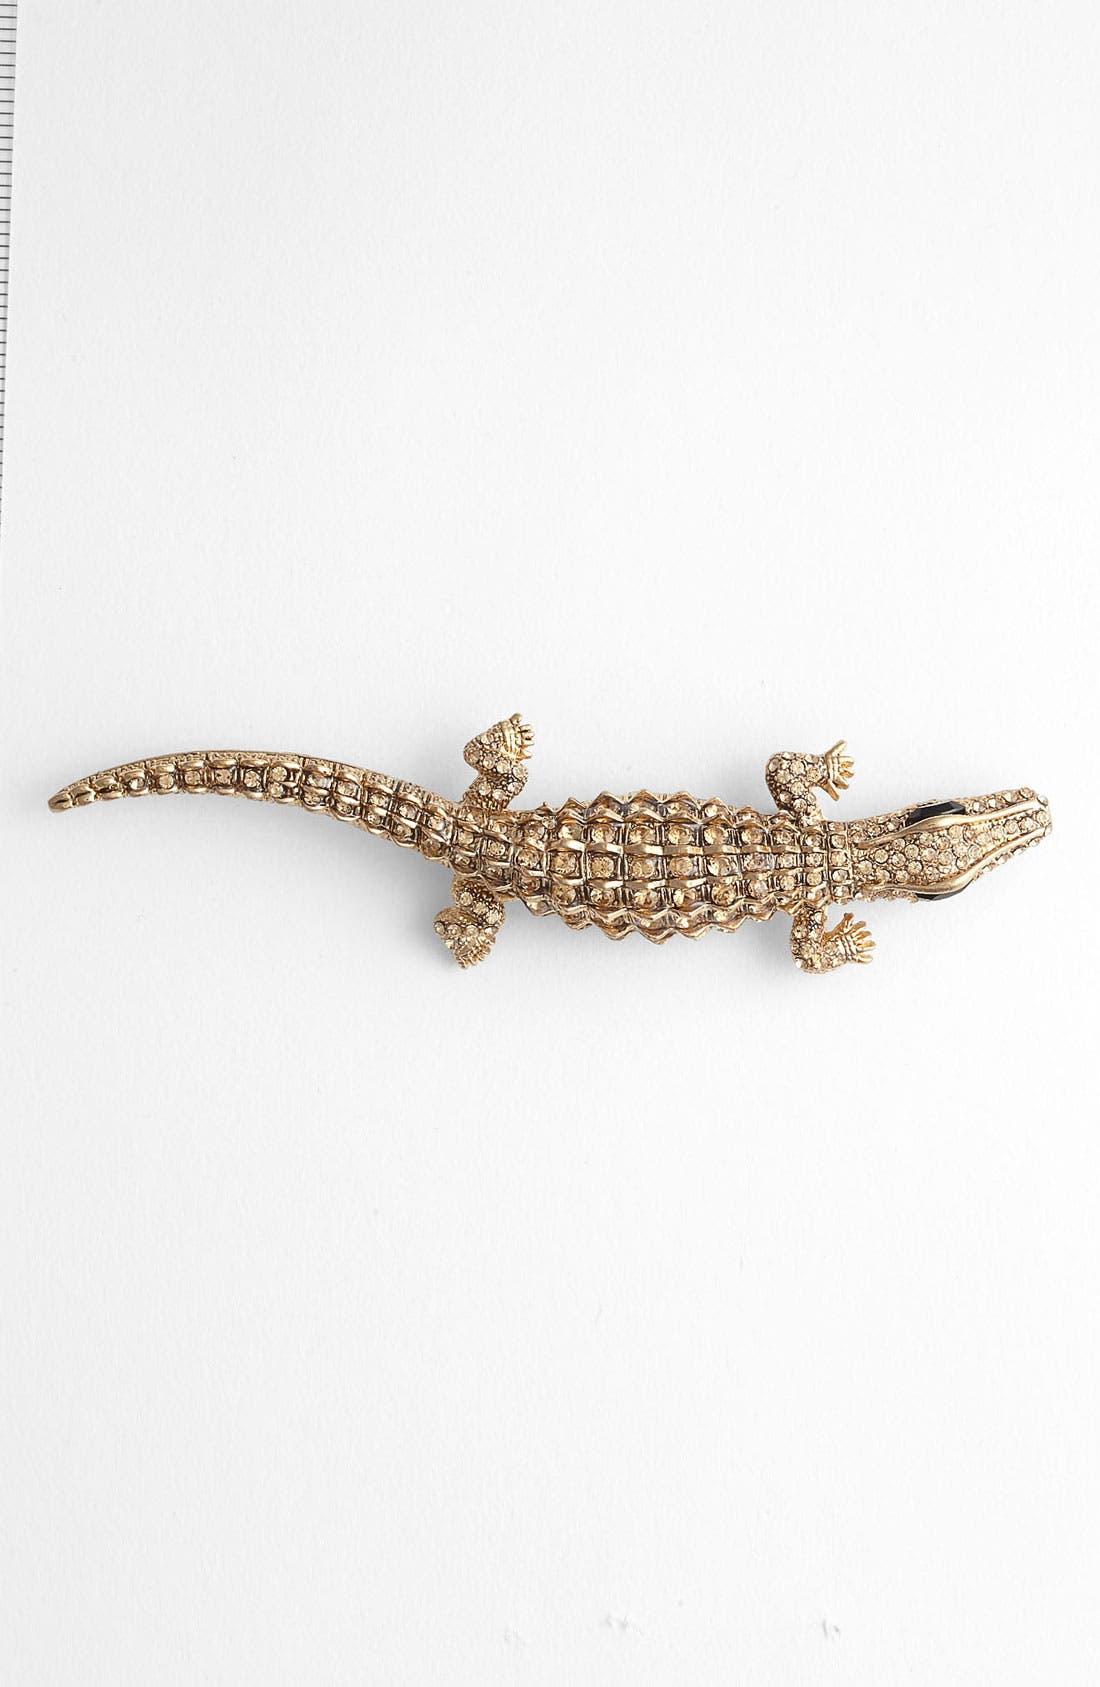 Alternate Image 1 Selected - Tasha 'Critters' Alligator Brooch